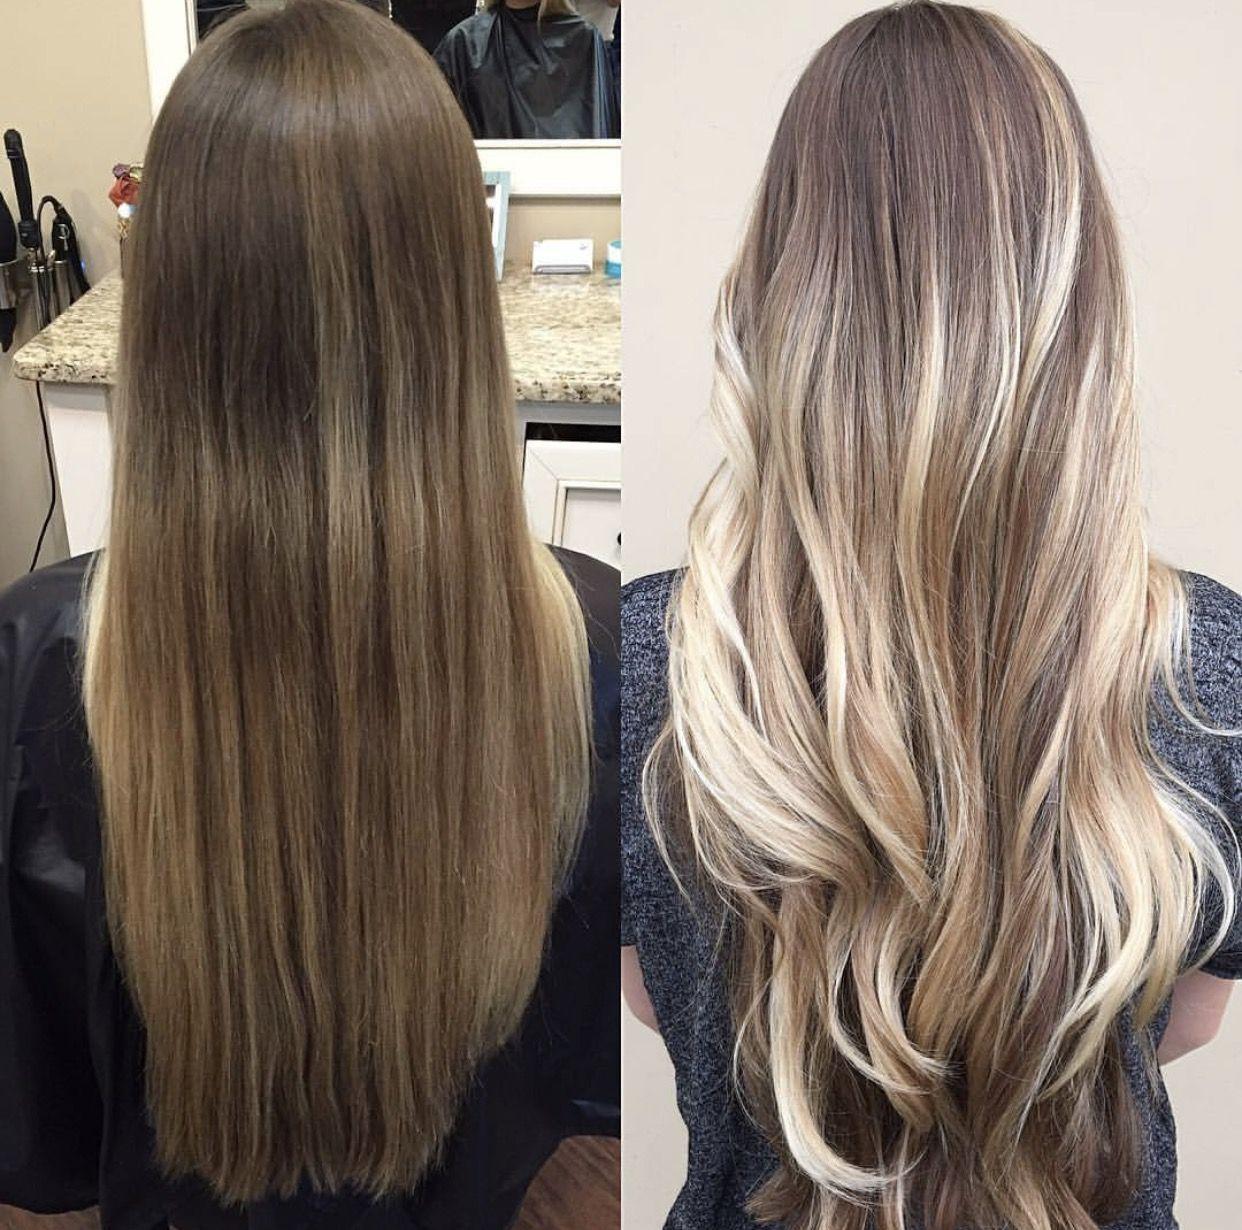 Виды мелирования волос: 11 модных типов с фото